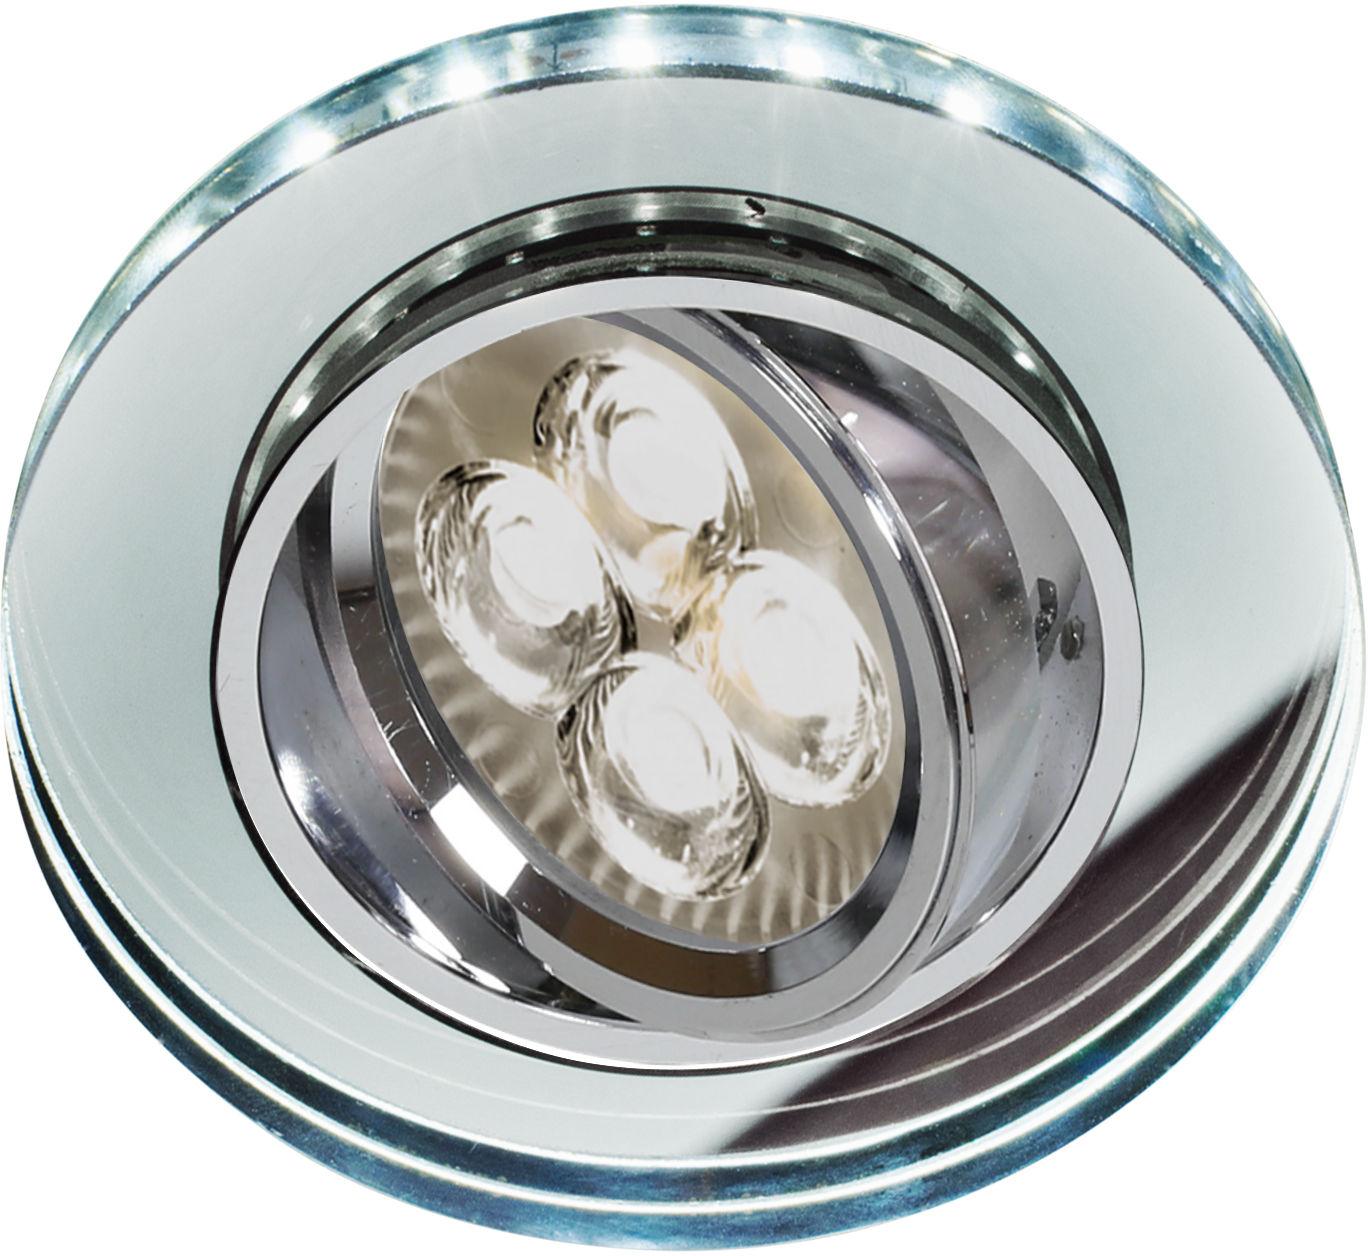 Candellux SSU-23 CH/TR+WH 2263052 oprawa do wbudowania biała GU10 50W+LED SMD 230V BIAŁY 2 1W chrom oczko sufitowe szkło transparentne min.7,4cm